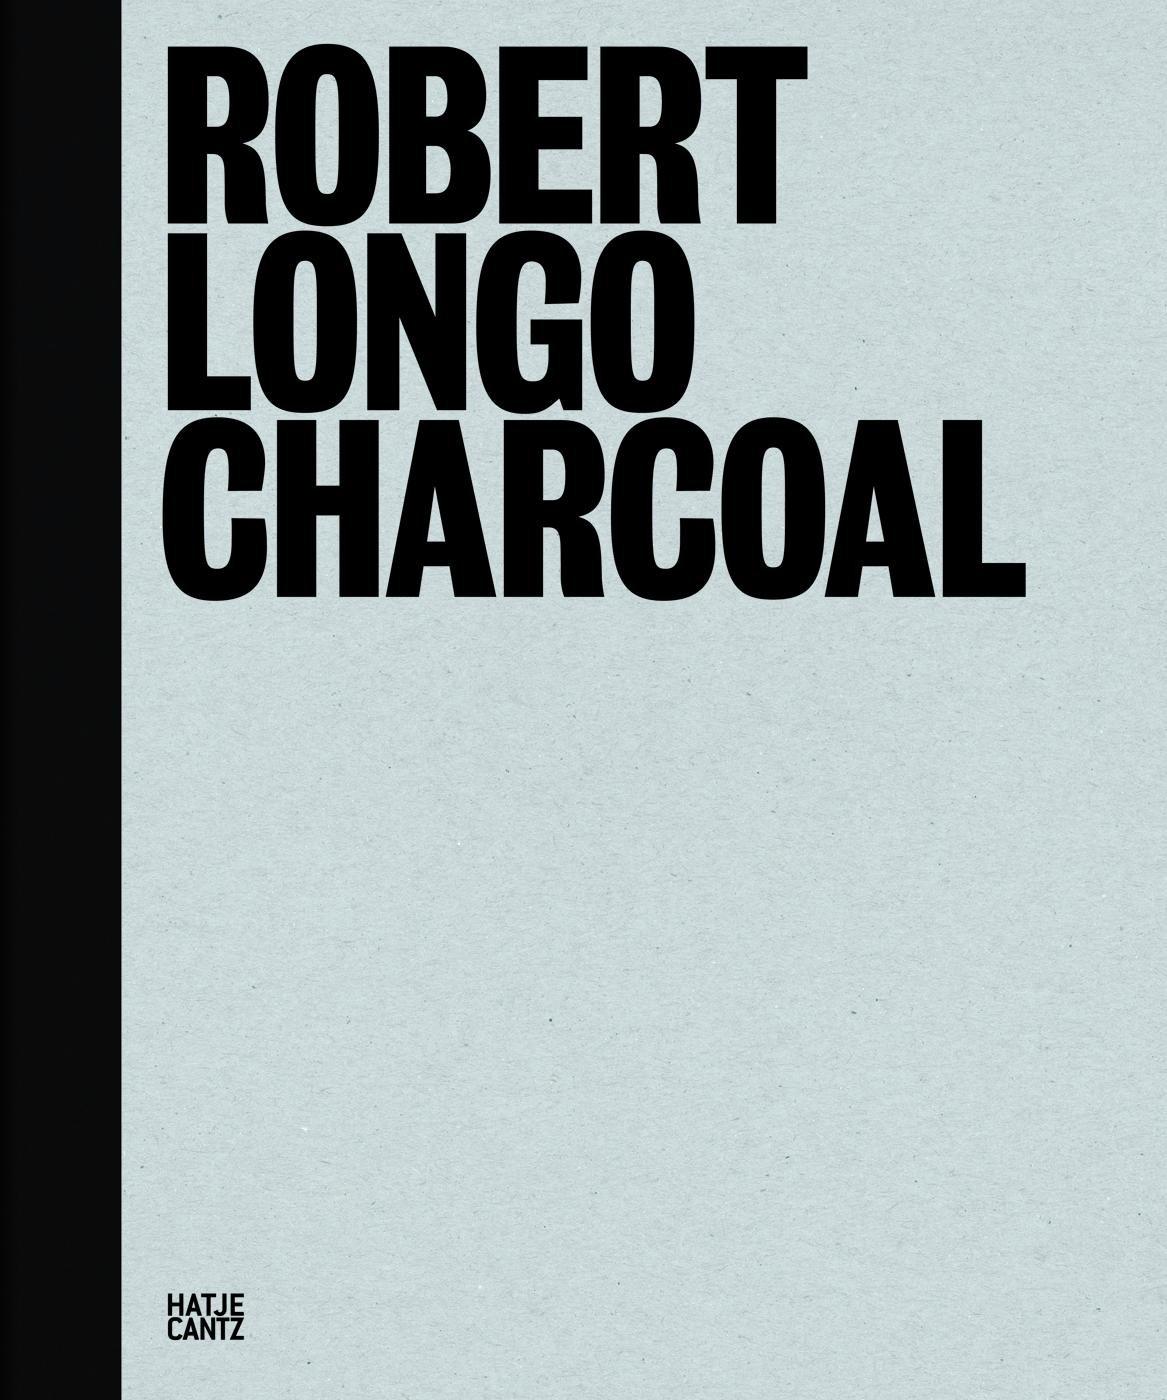 Robert Longo - Charcoal